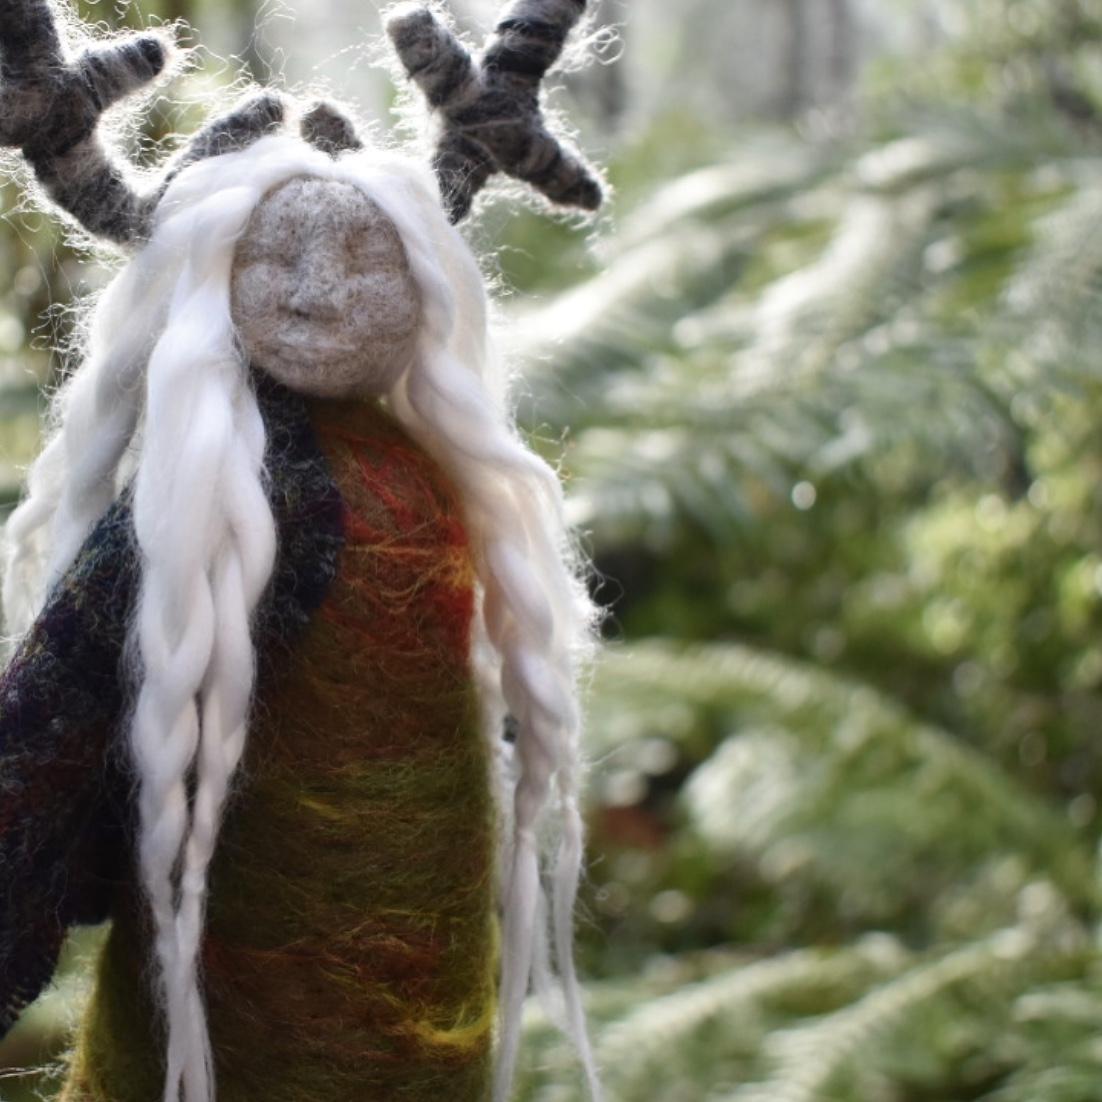 Rose Weaver Icelandic Moss Doll -